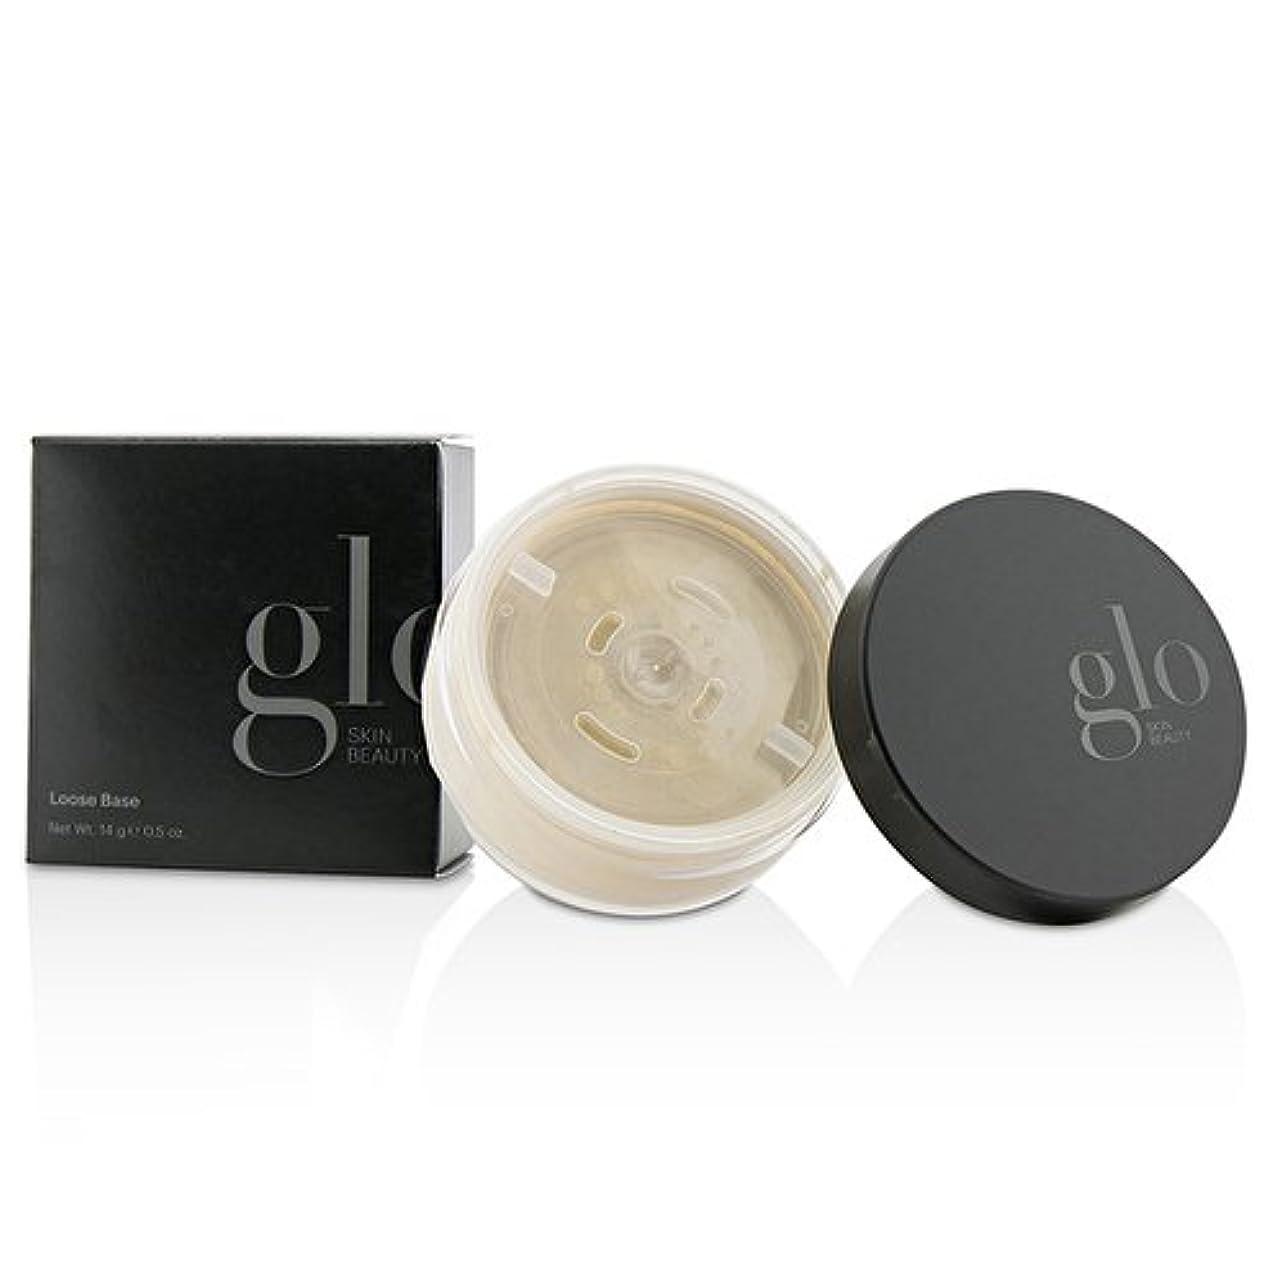 迷惑振るう対Glo Skin Beauty Loose Base (Mineral Foundation) - # Natural Fair 14g/0.5oz並行輸入品